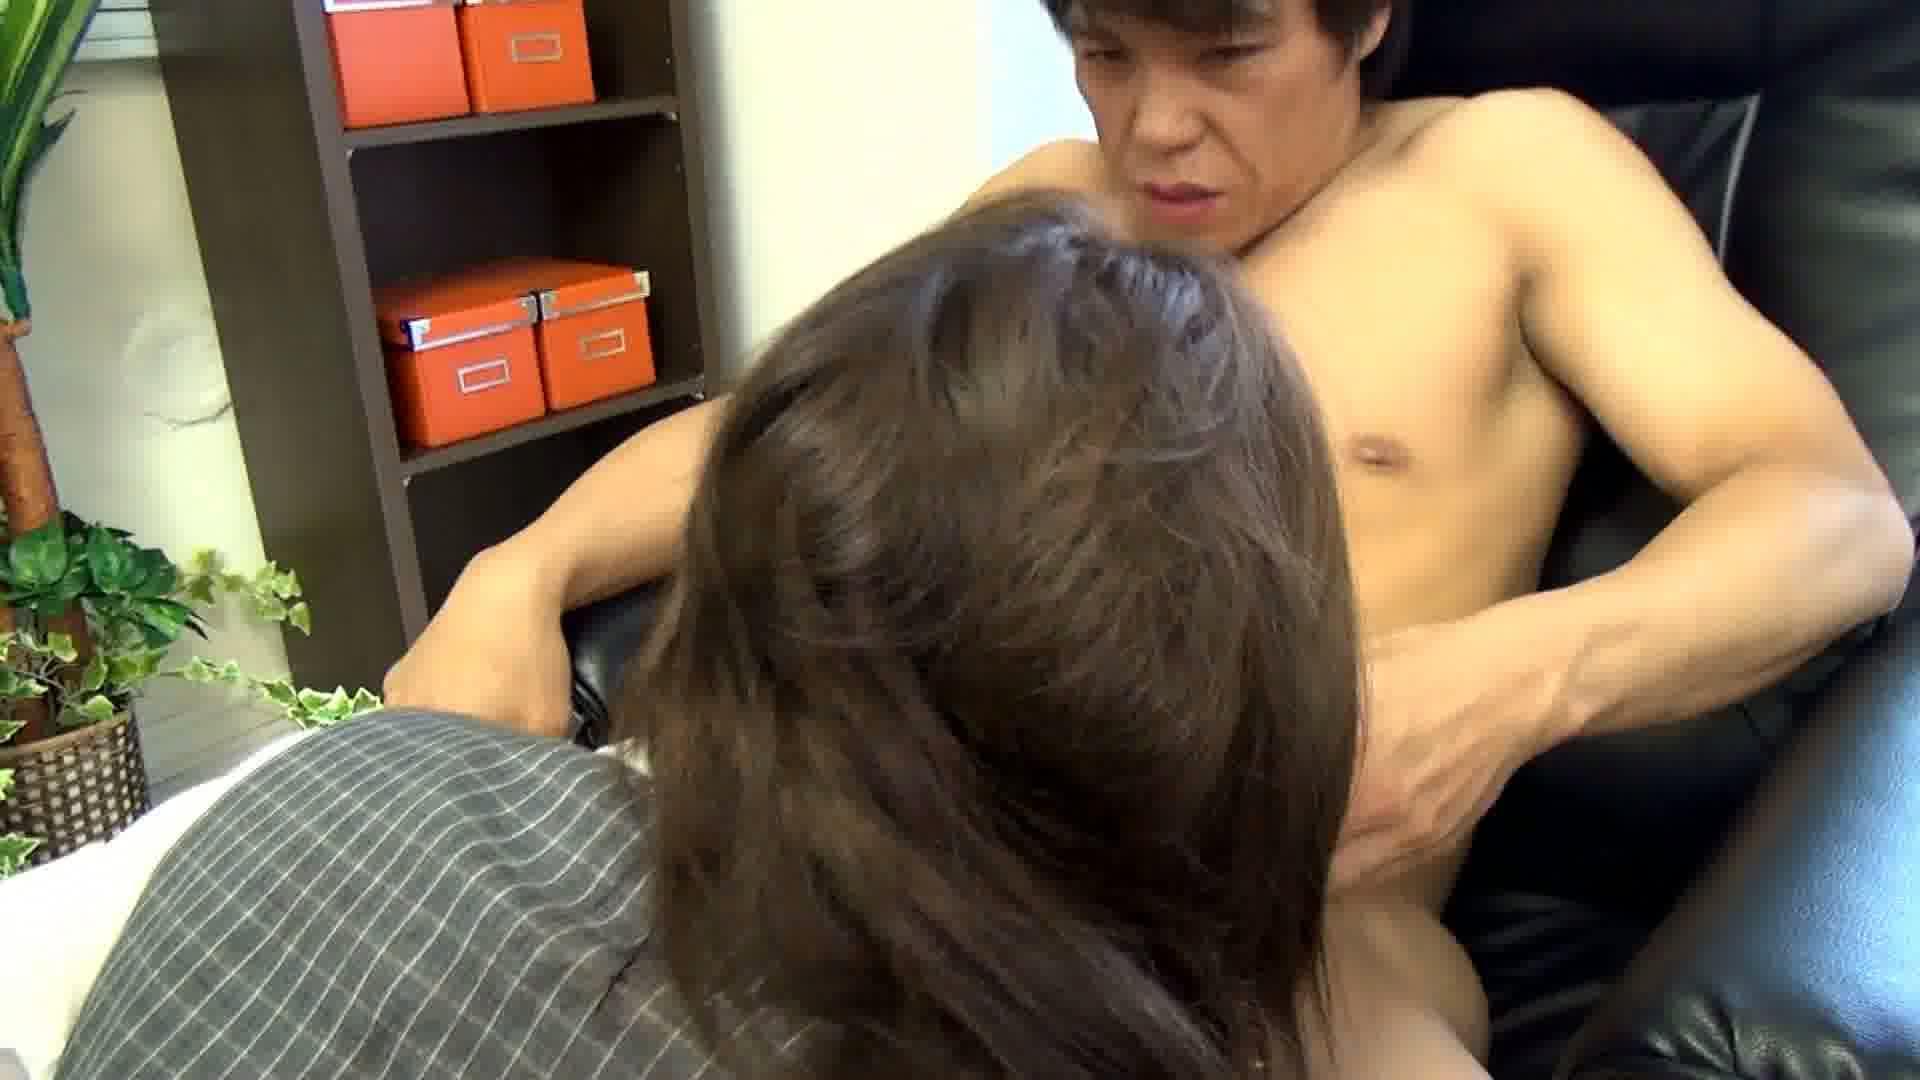 アダルトグッズ開発会社で働き調教される新人OL vol.02美咲恋